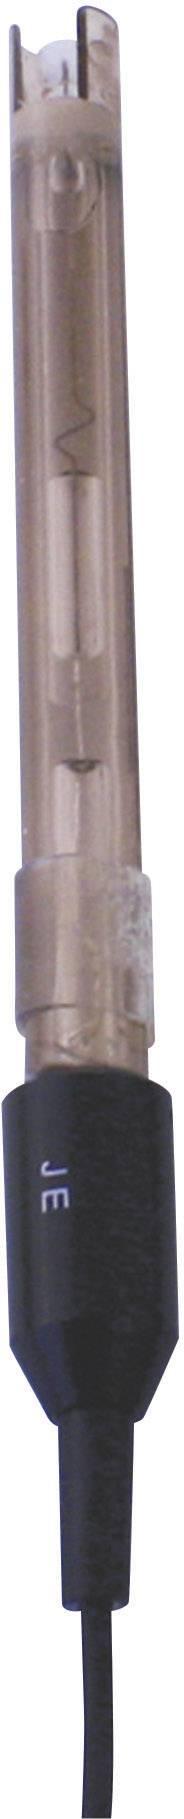 Štandardná pH elektróda Greisinger GE 100 s BNC